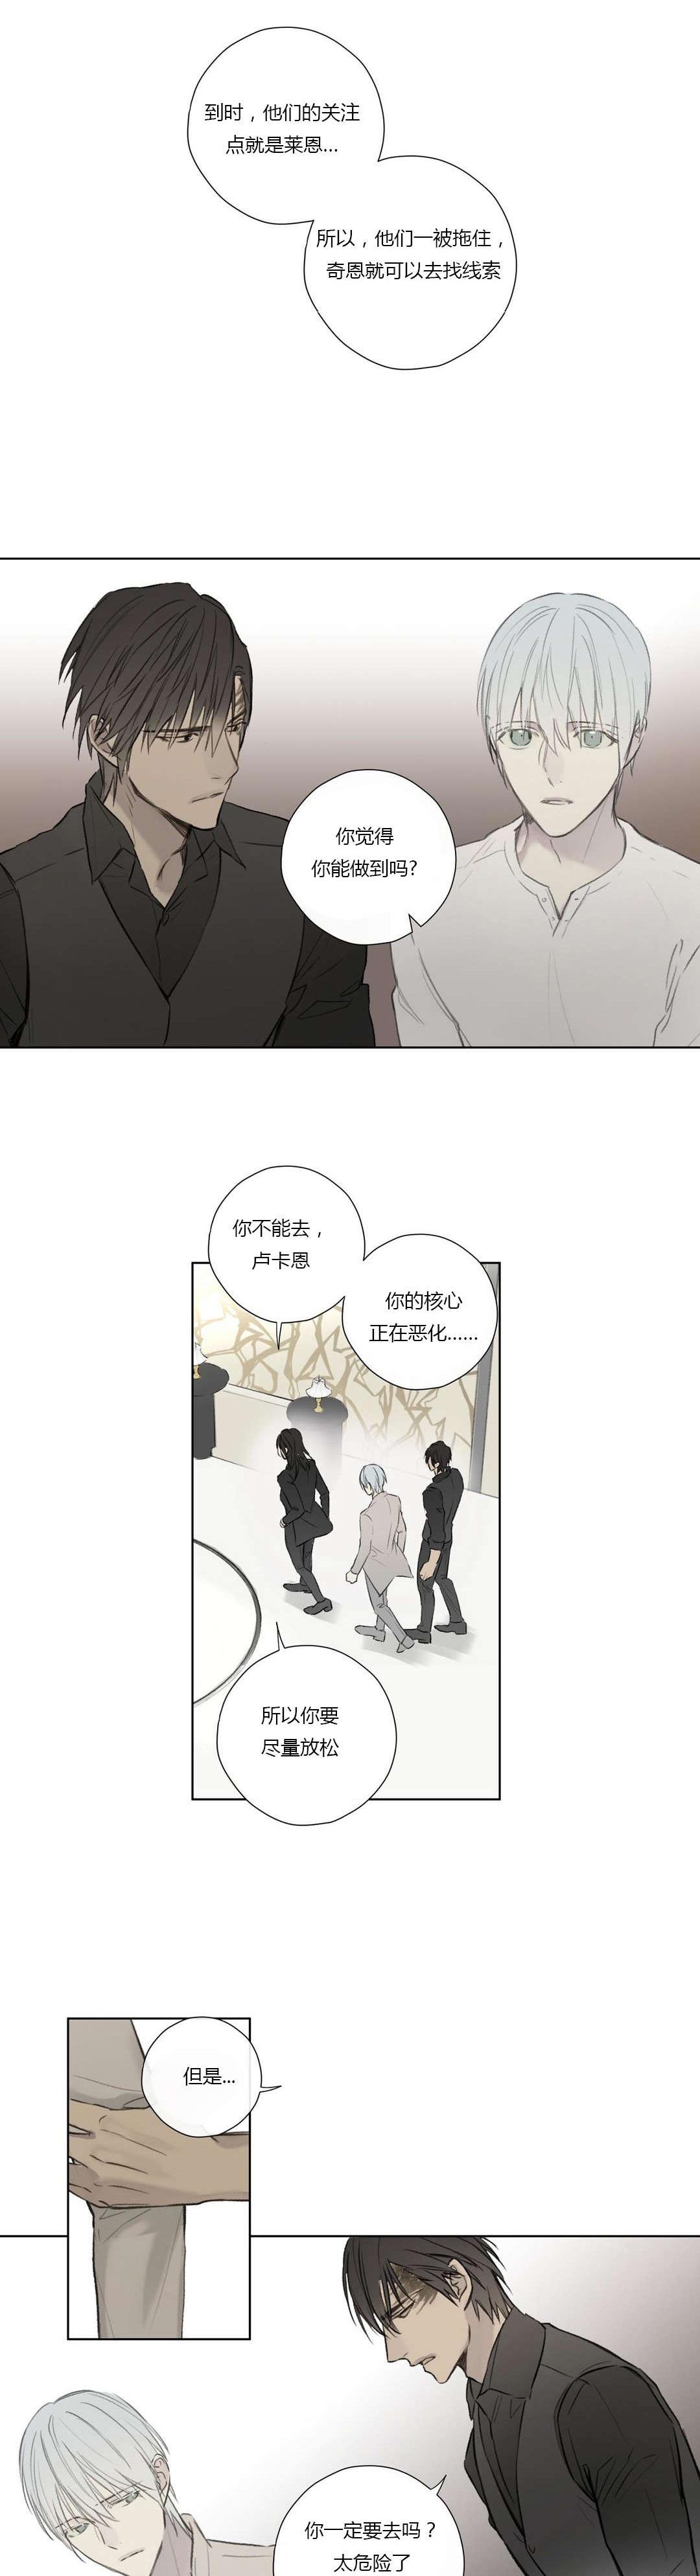 恋爱韩漫:《王室仆役》 第64-66话-天狐阅读